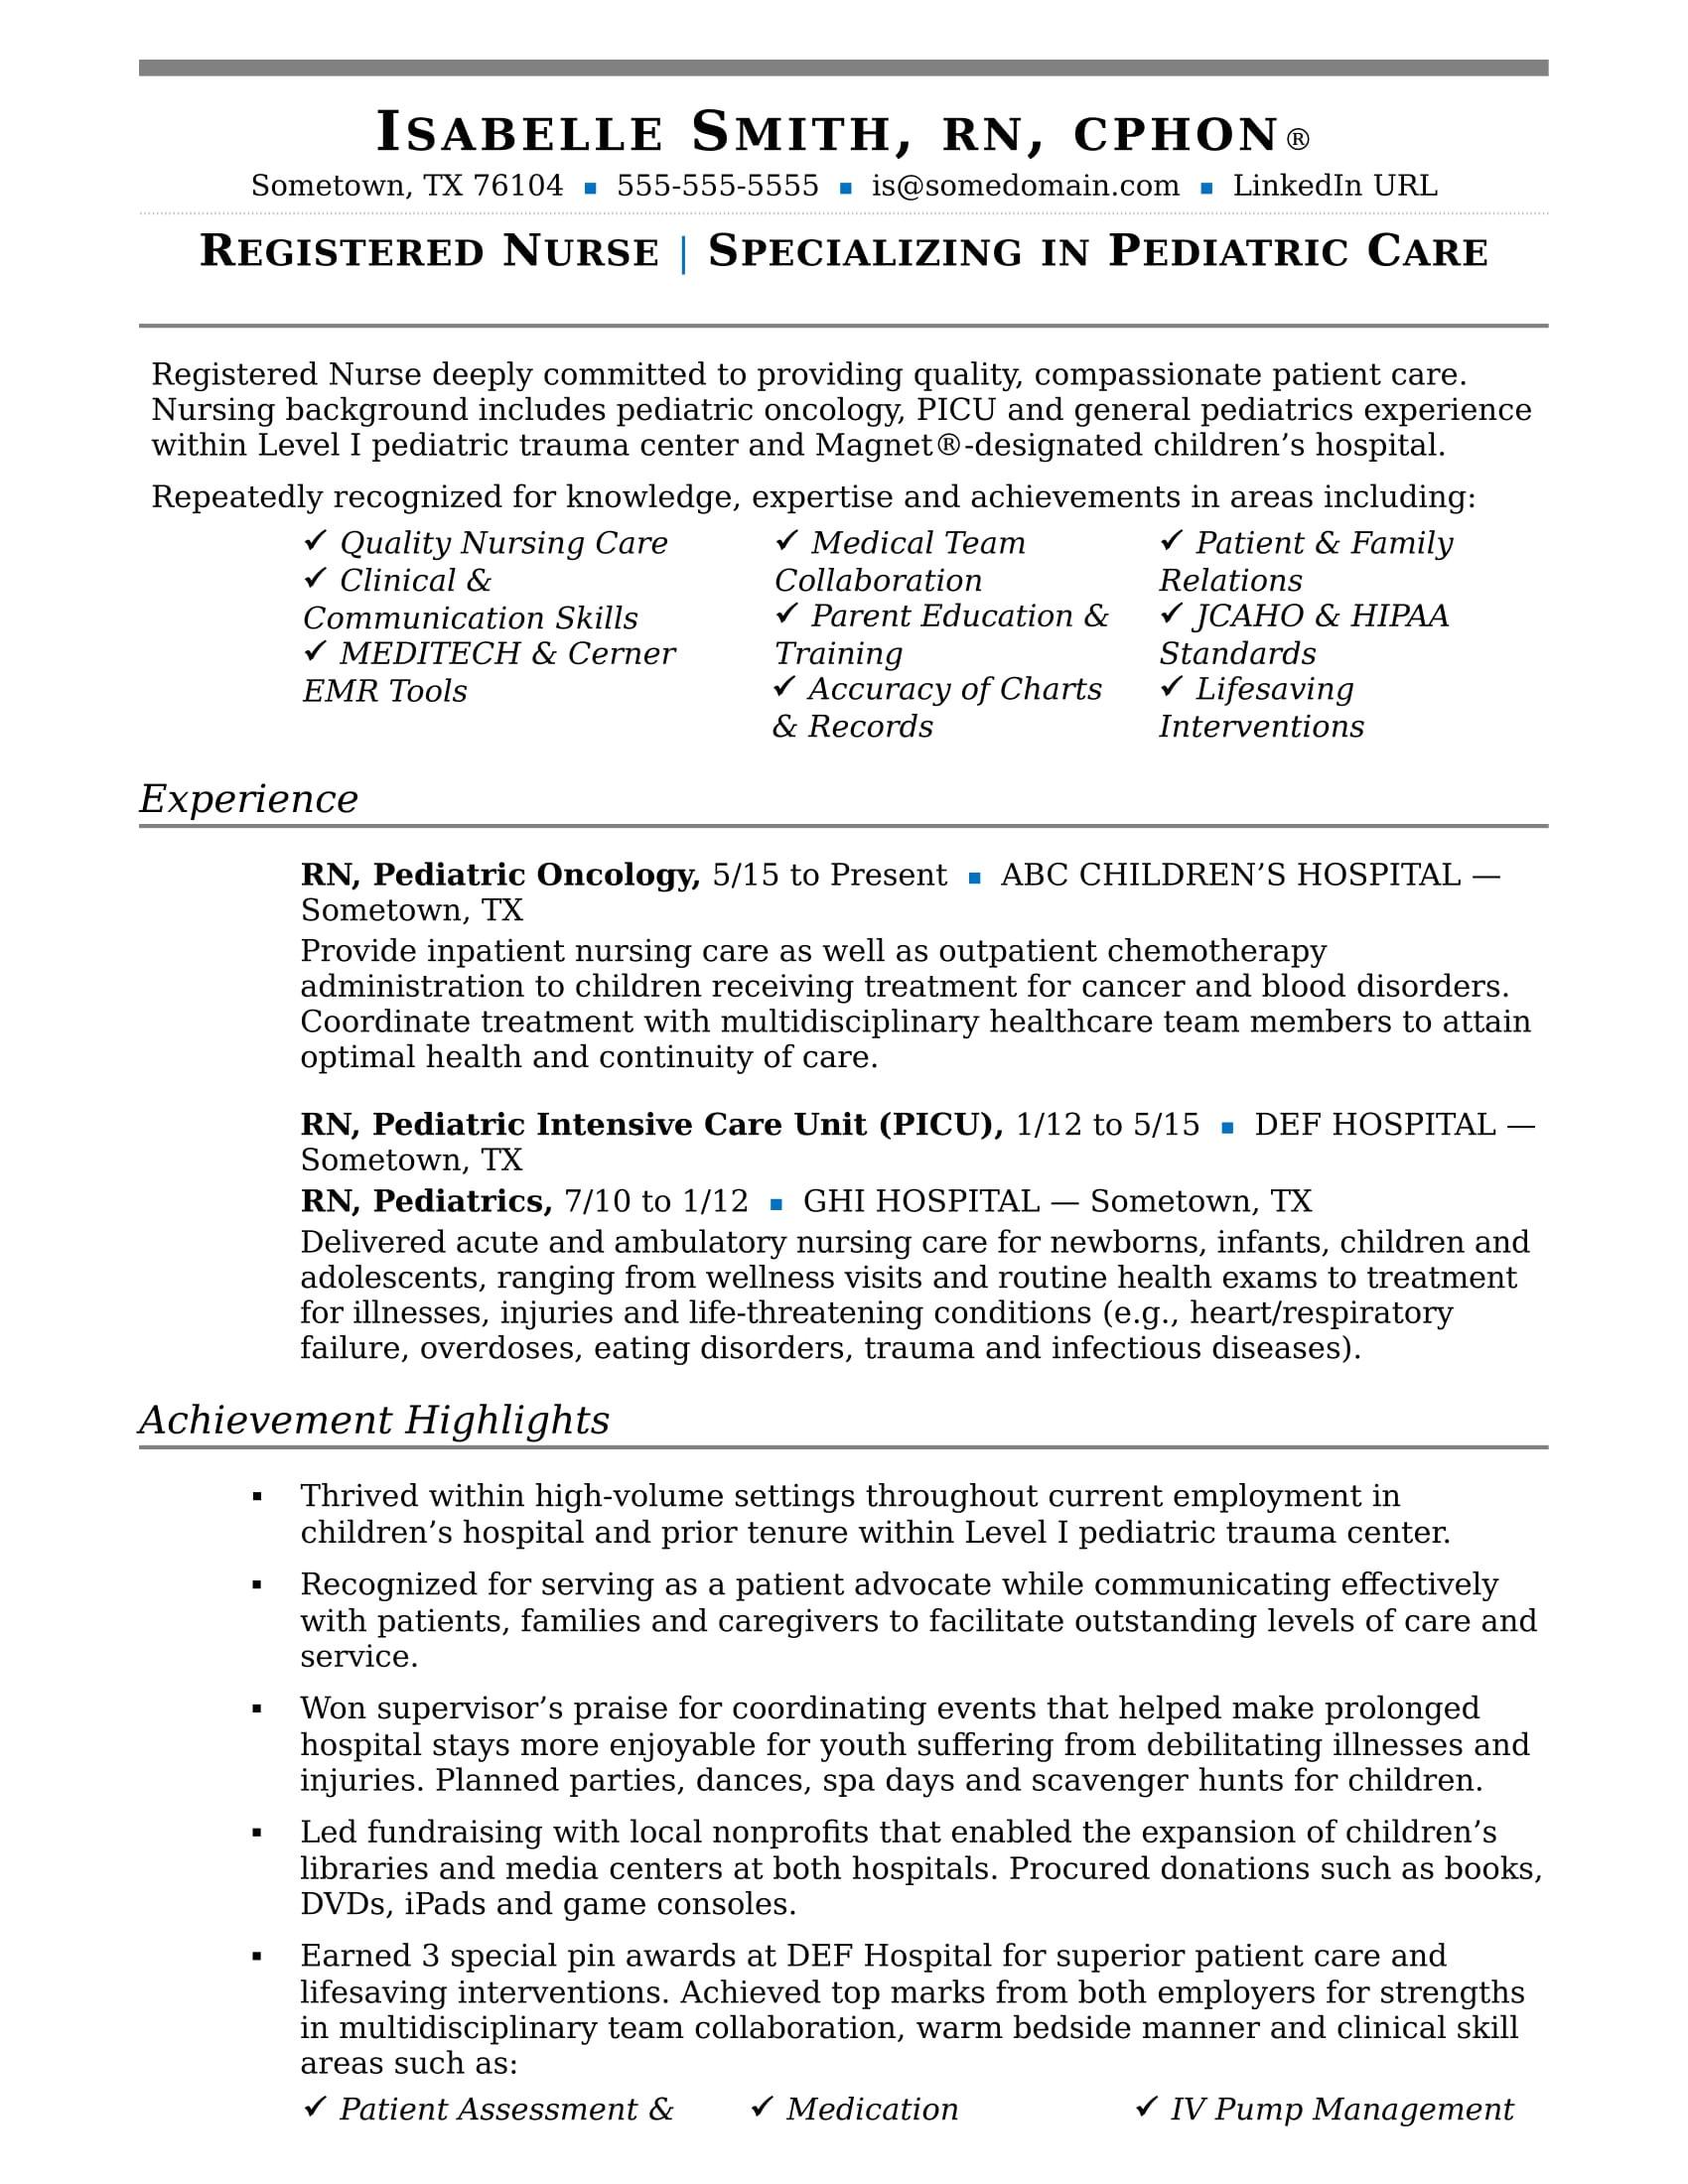 Basic Nursing Skills for Resume Nurse Resume Sample Monster Com